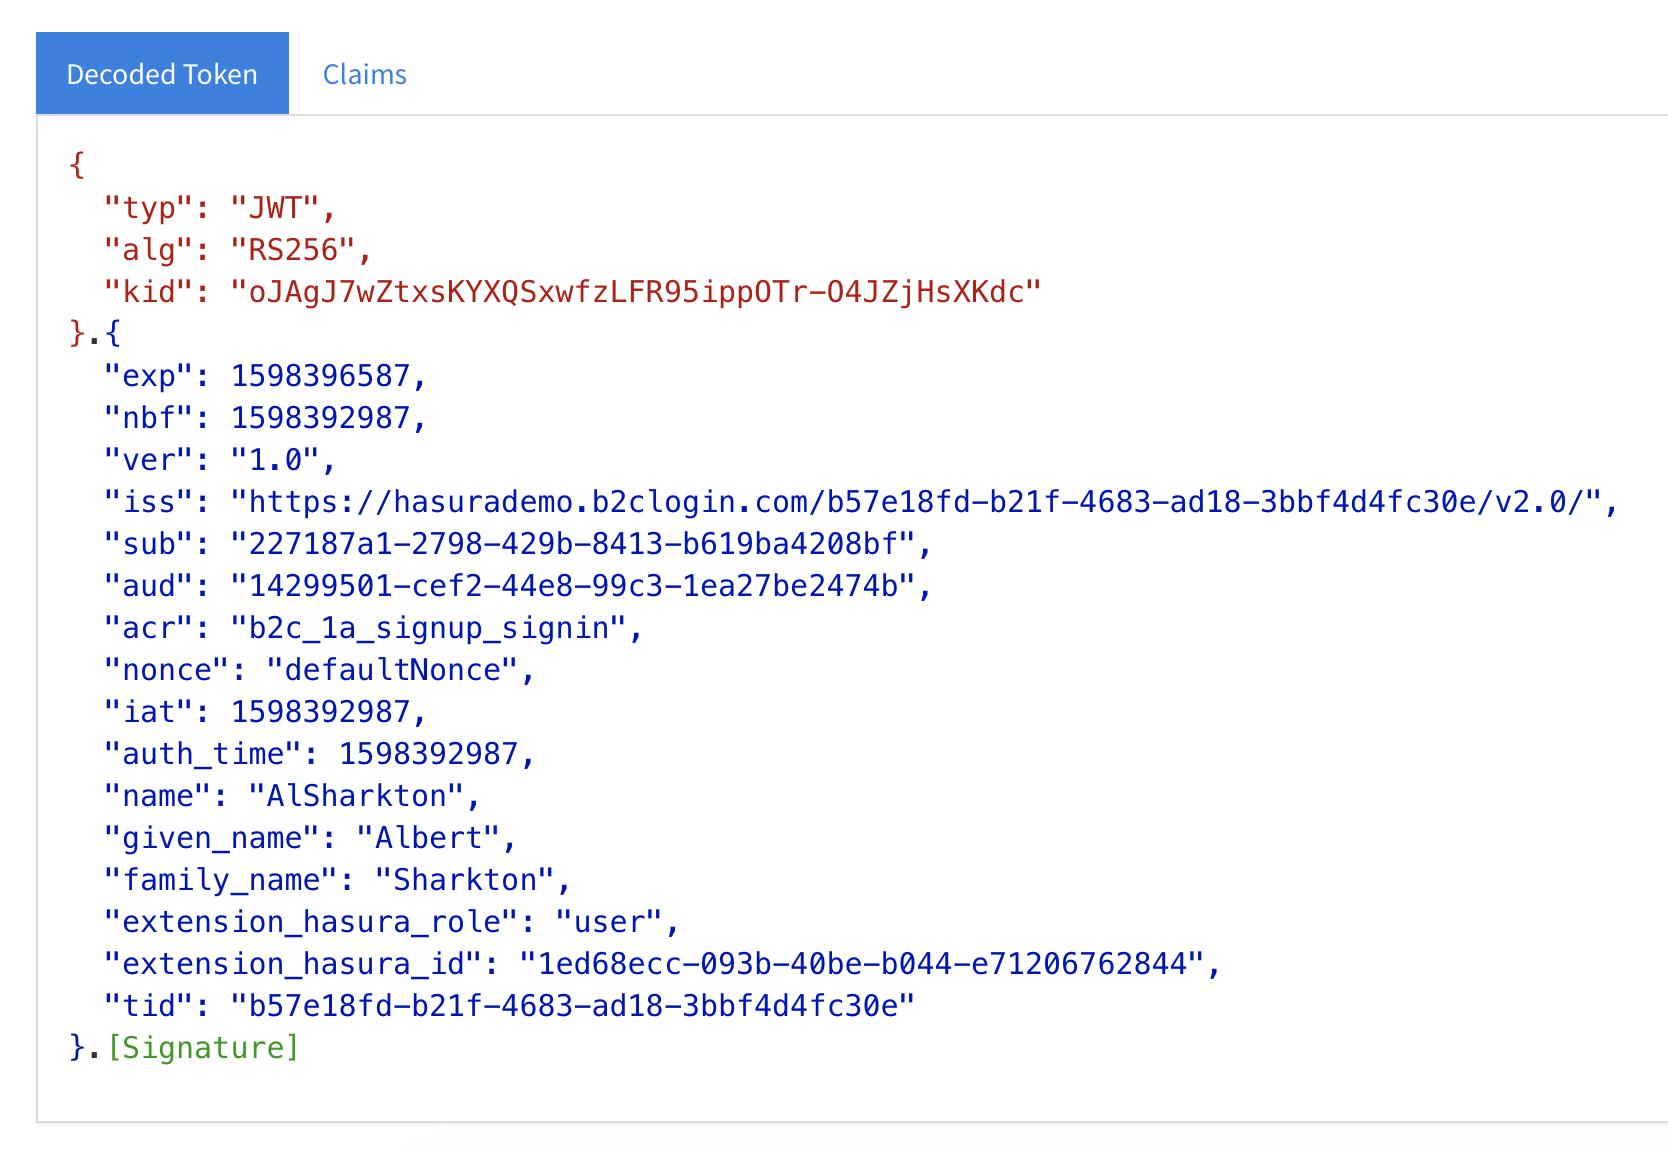 screenshot of valid token